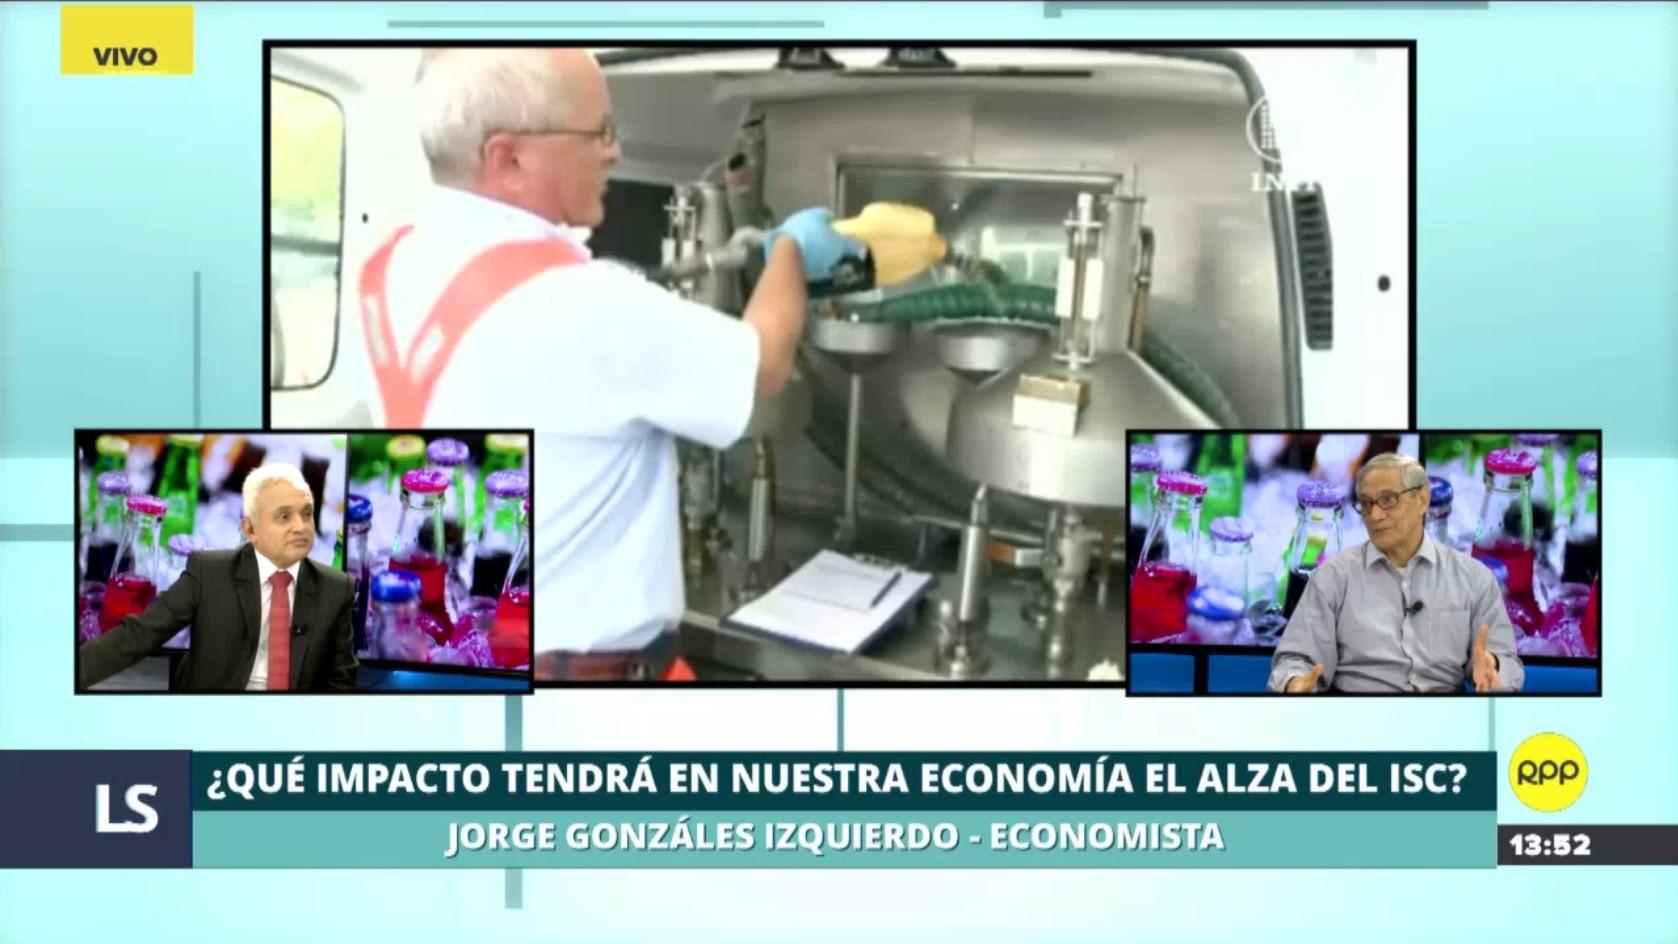 Jorge González Izquierdo analizó el impacto que tendrá en la economía el alza del ISC.